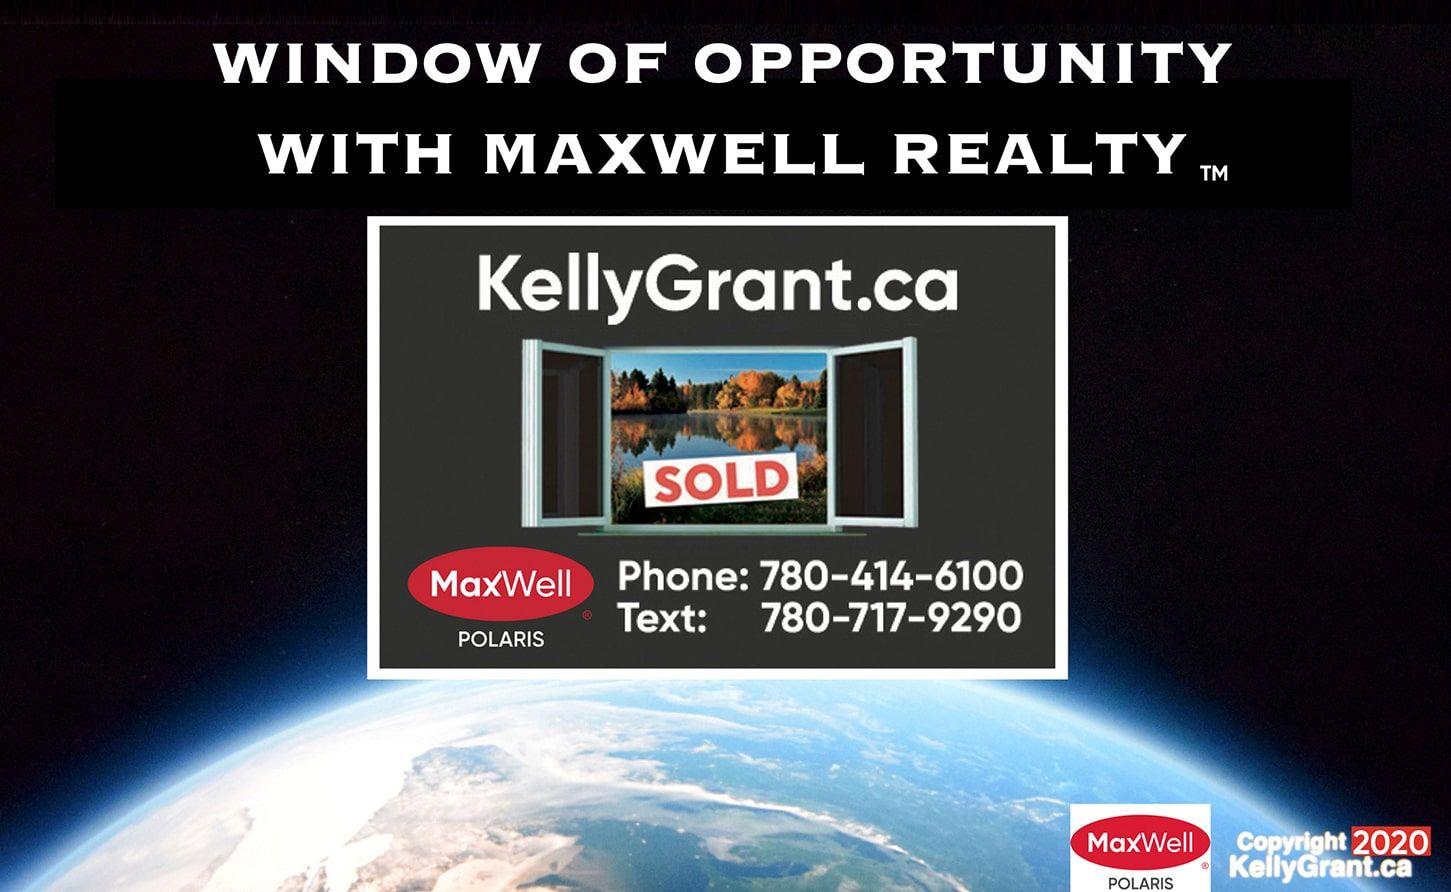 #58-KG MaxWell Window of Opportunity.jpg